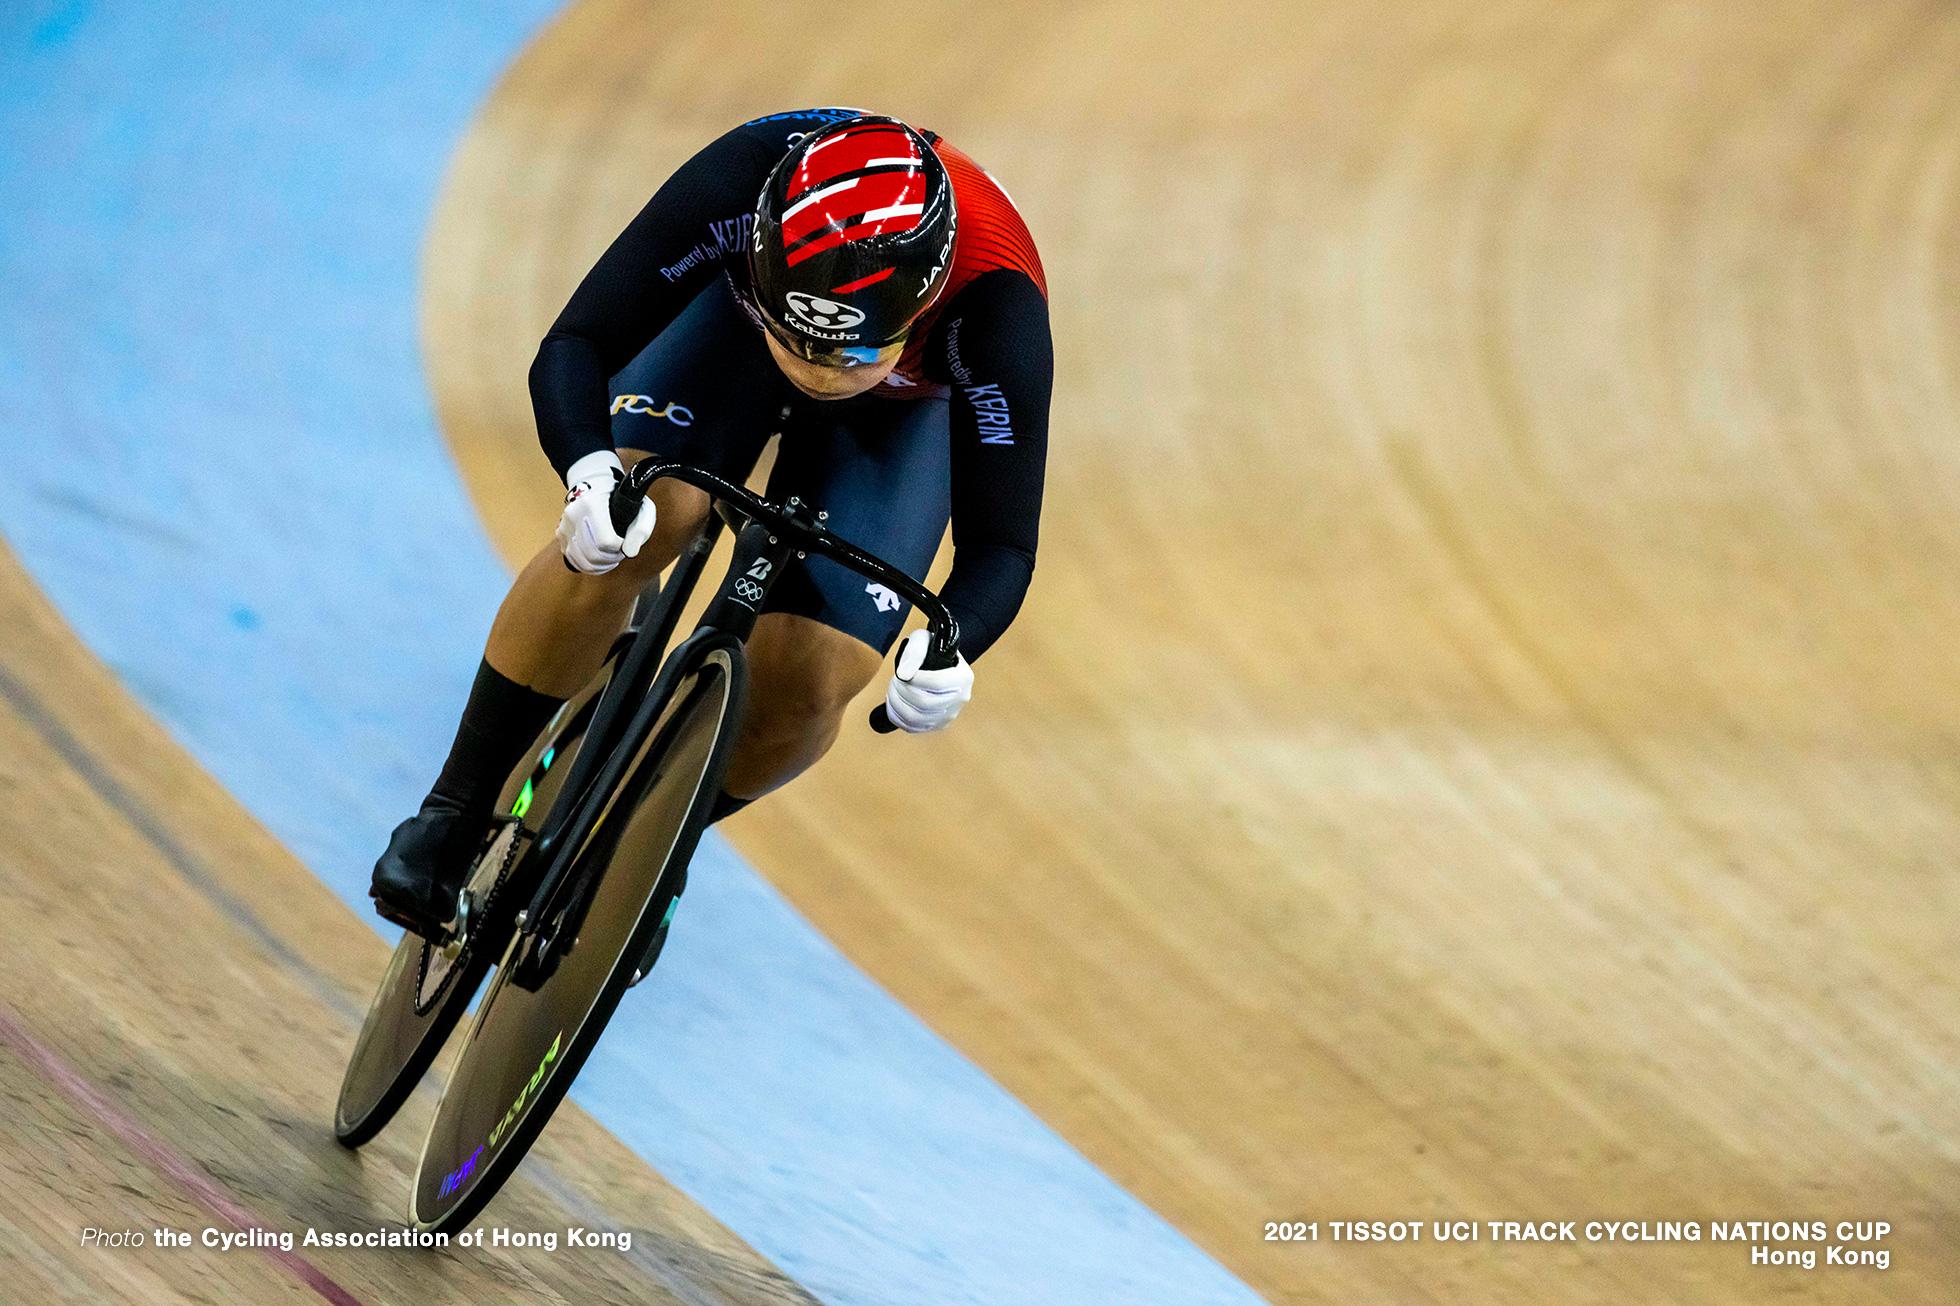 梅川風子, Women's Sprint, TISSOT UCI TRACK CYCLING NATIONS CUP - HONG KONG